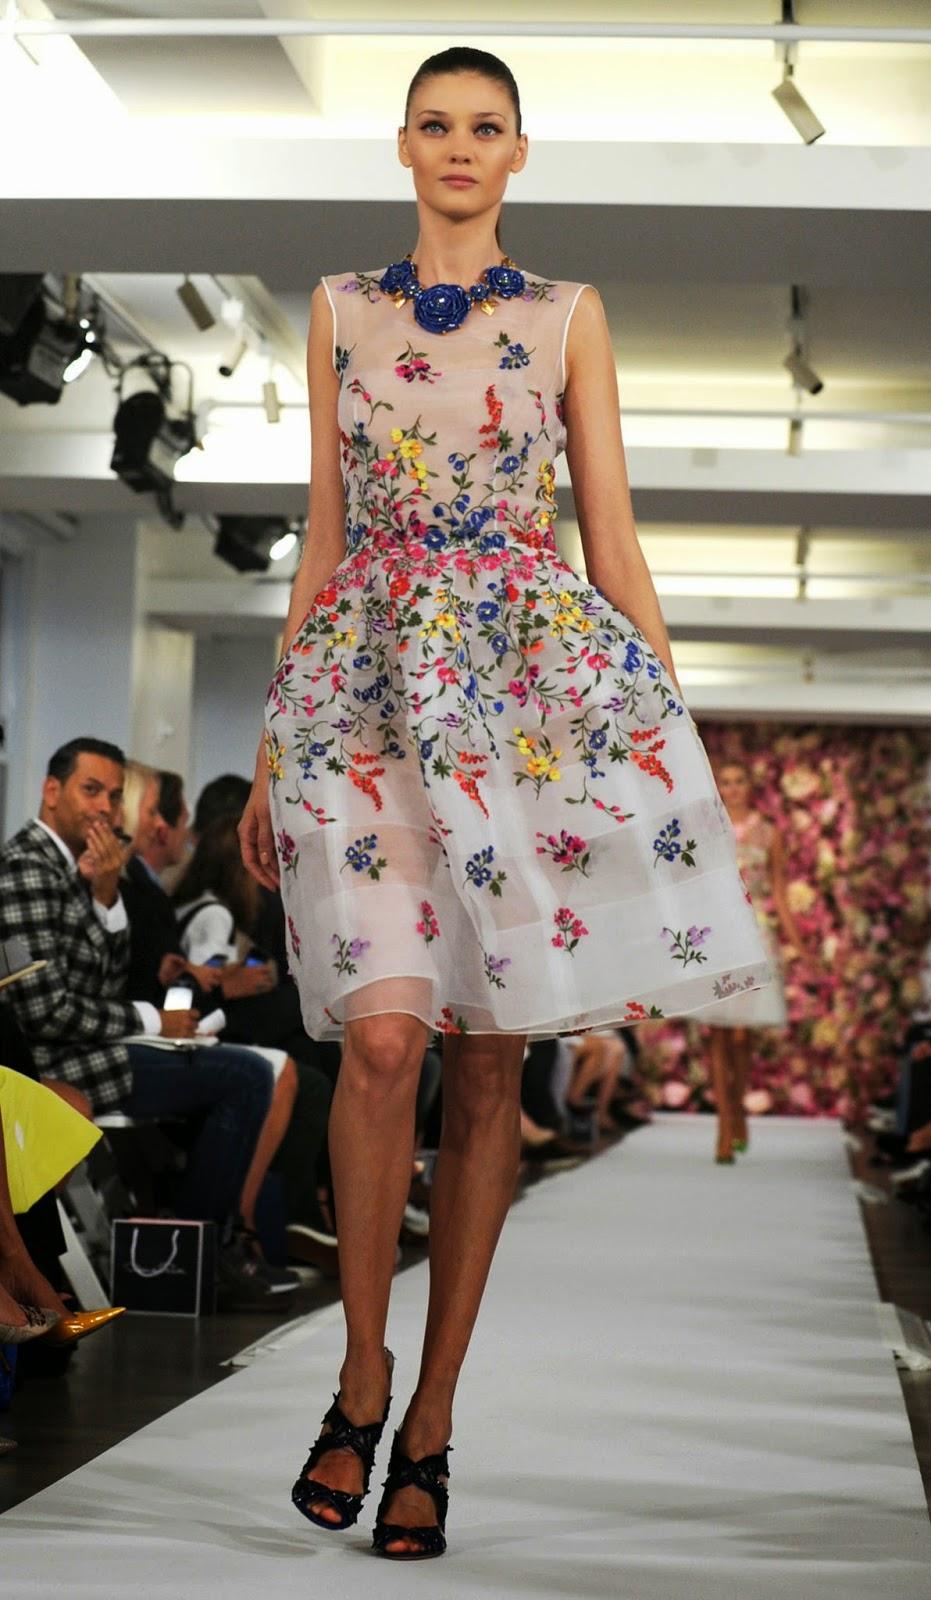 Fashion week v New Yorku bol plný krásnych šiat s nežnými dievčenskými  vzormi  66bf386bbd7